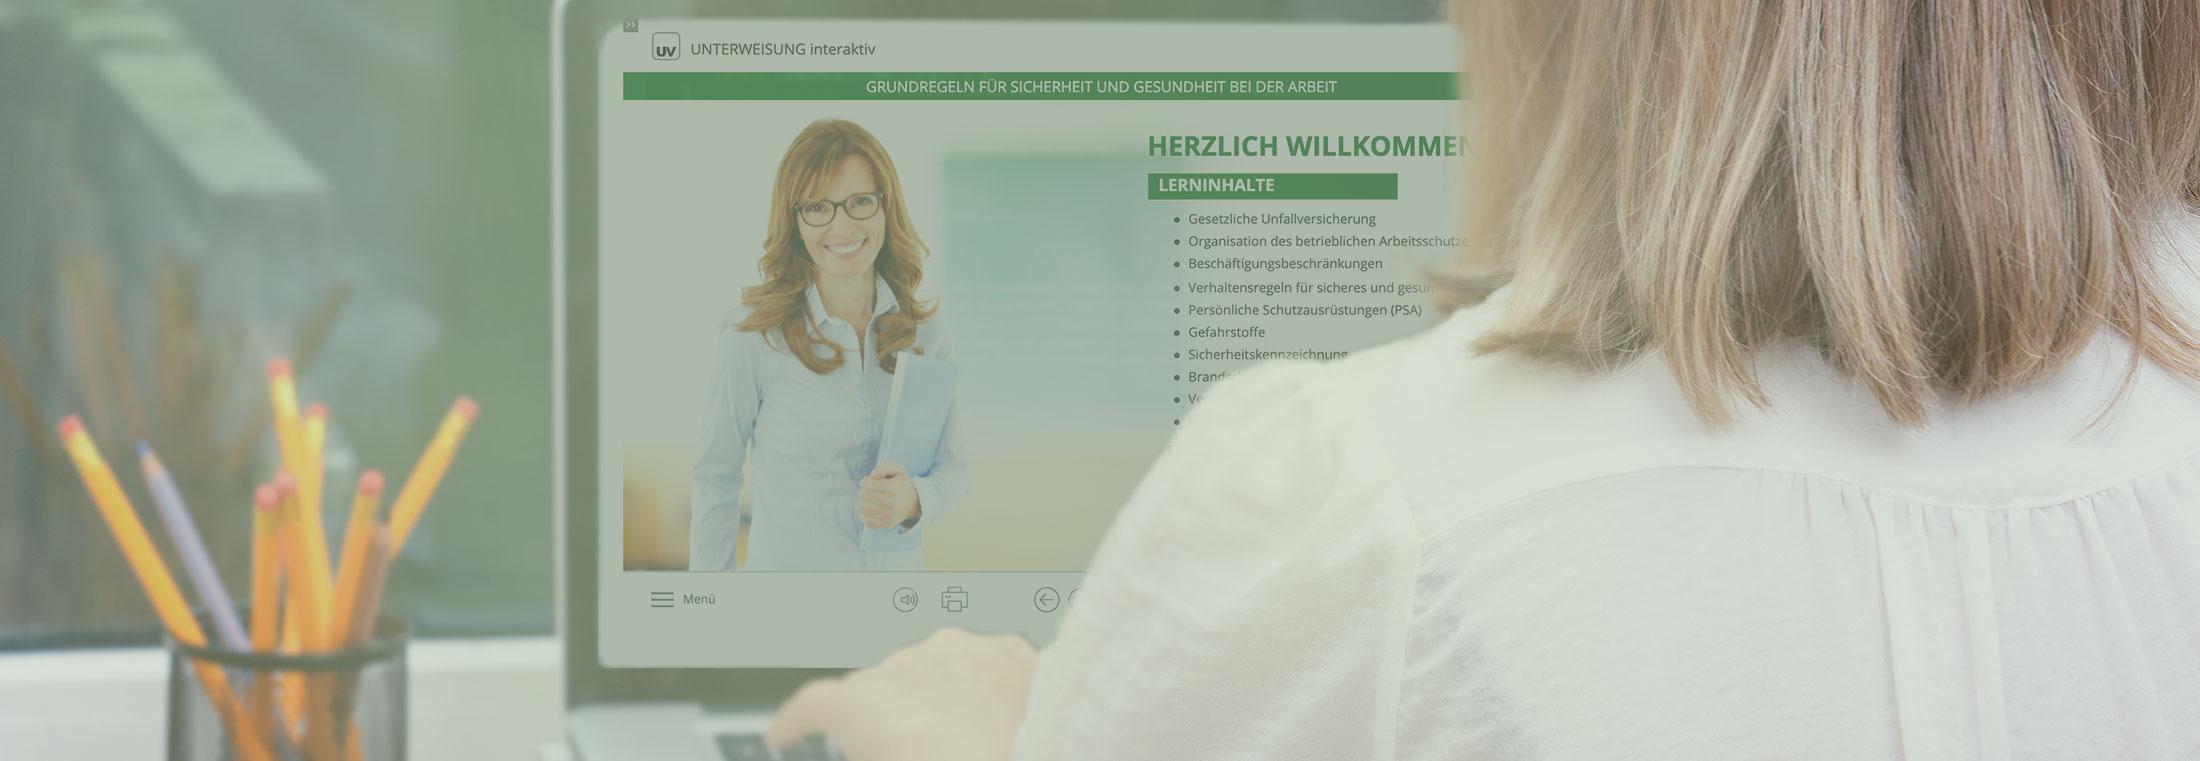 Unterweisungs-Manager: mit Arbeitsschutz-Modulen von Experten entwickelt